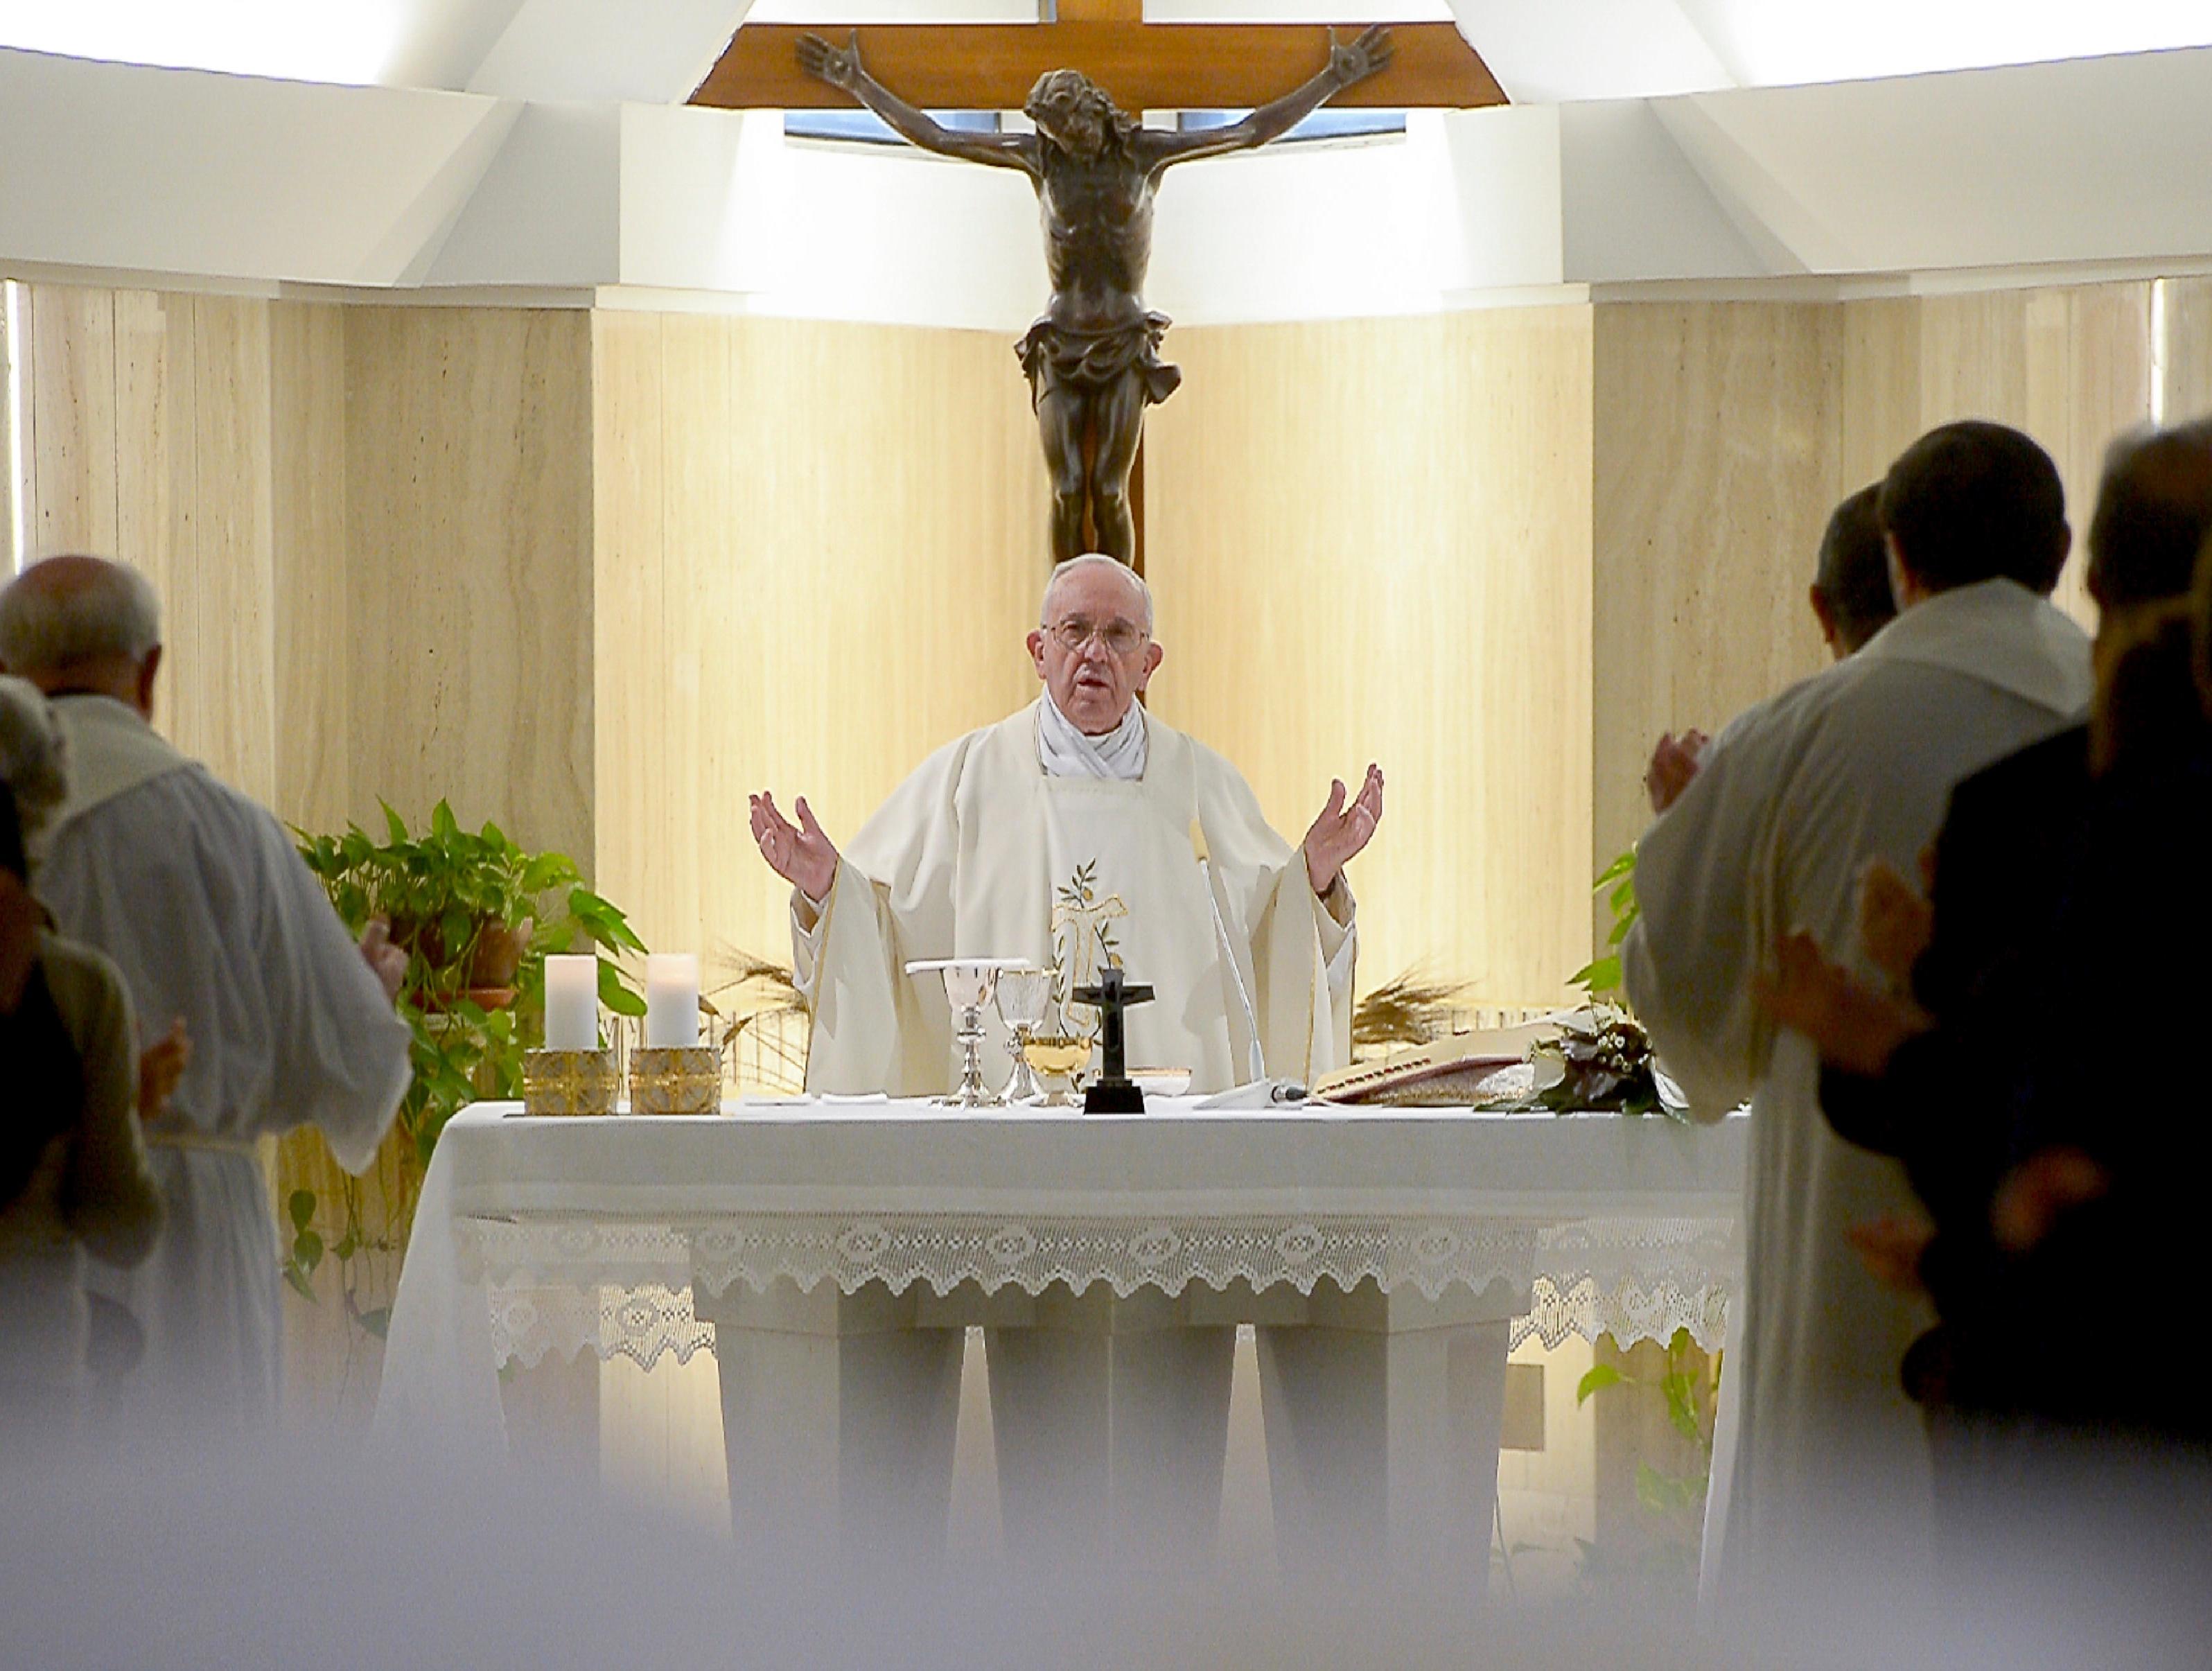 El Papa en Santa Marta - 12 abril 2016